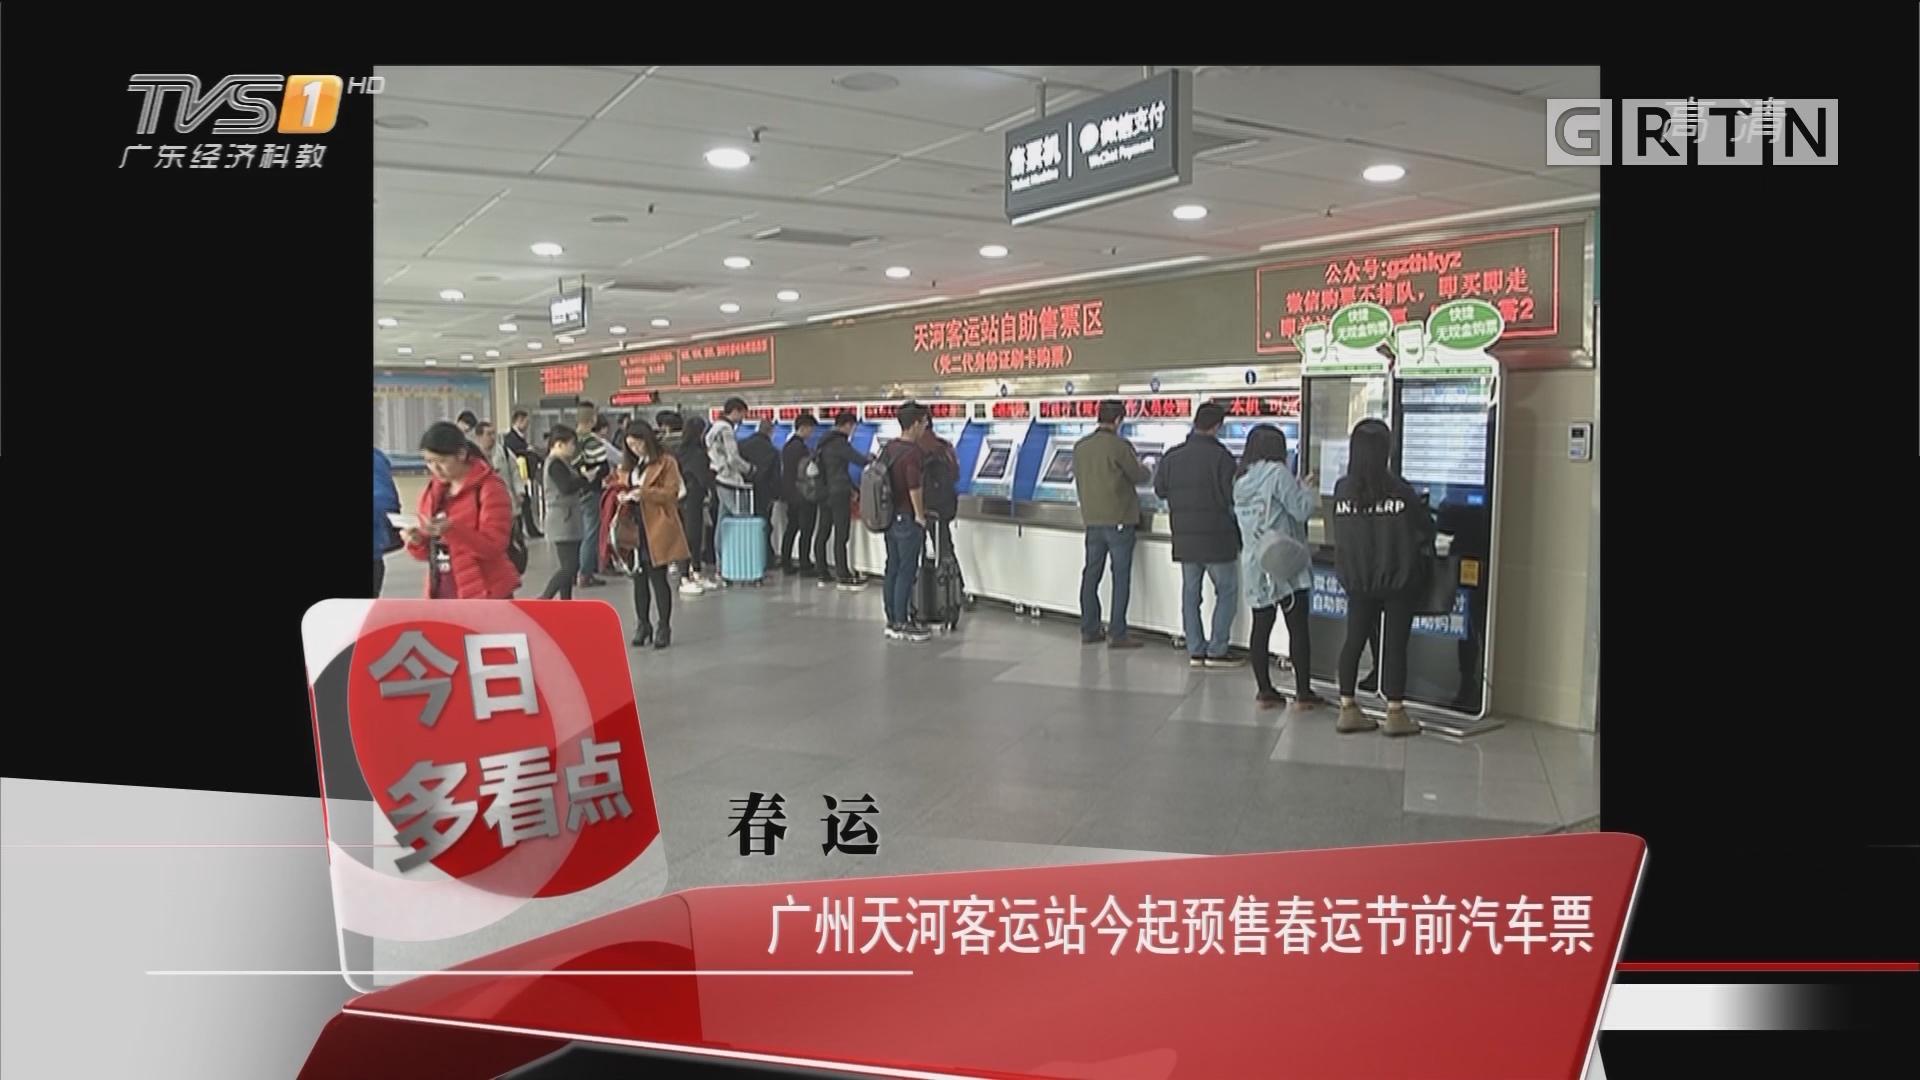 春运:广州天河客运站今起预售春运节前汽车票